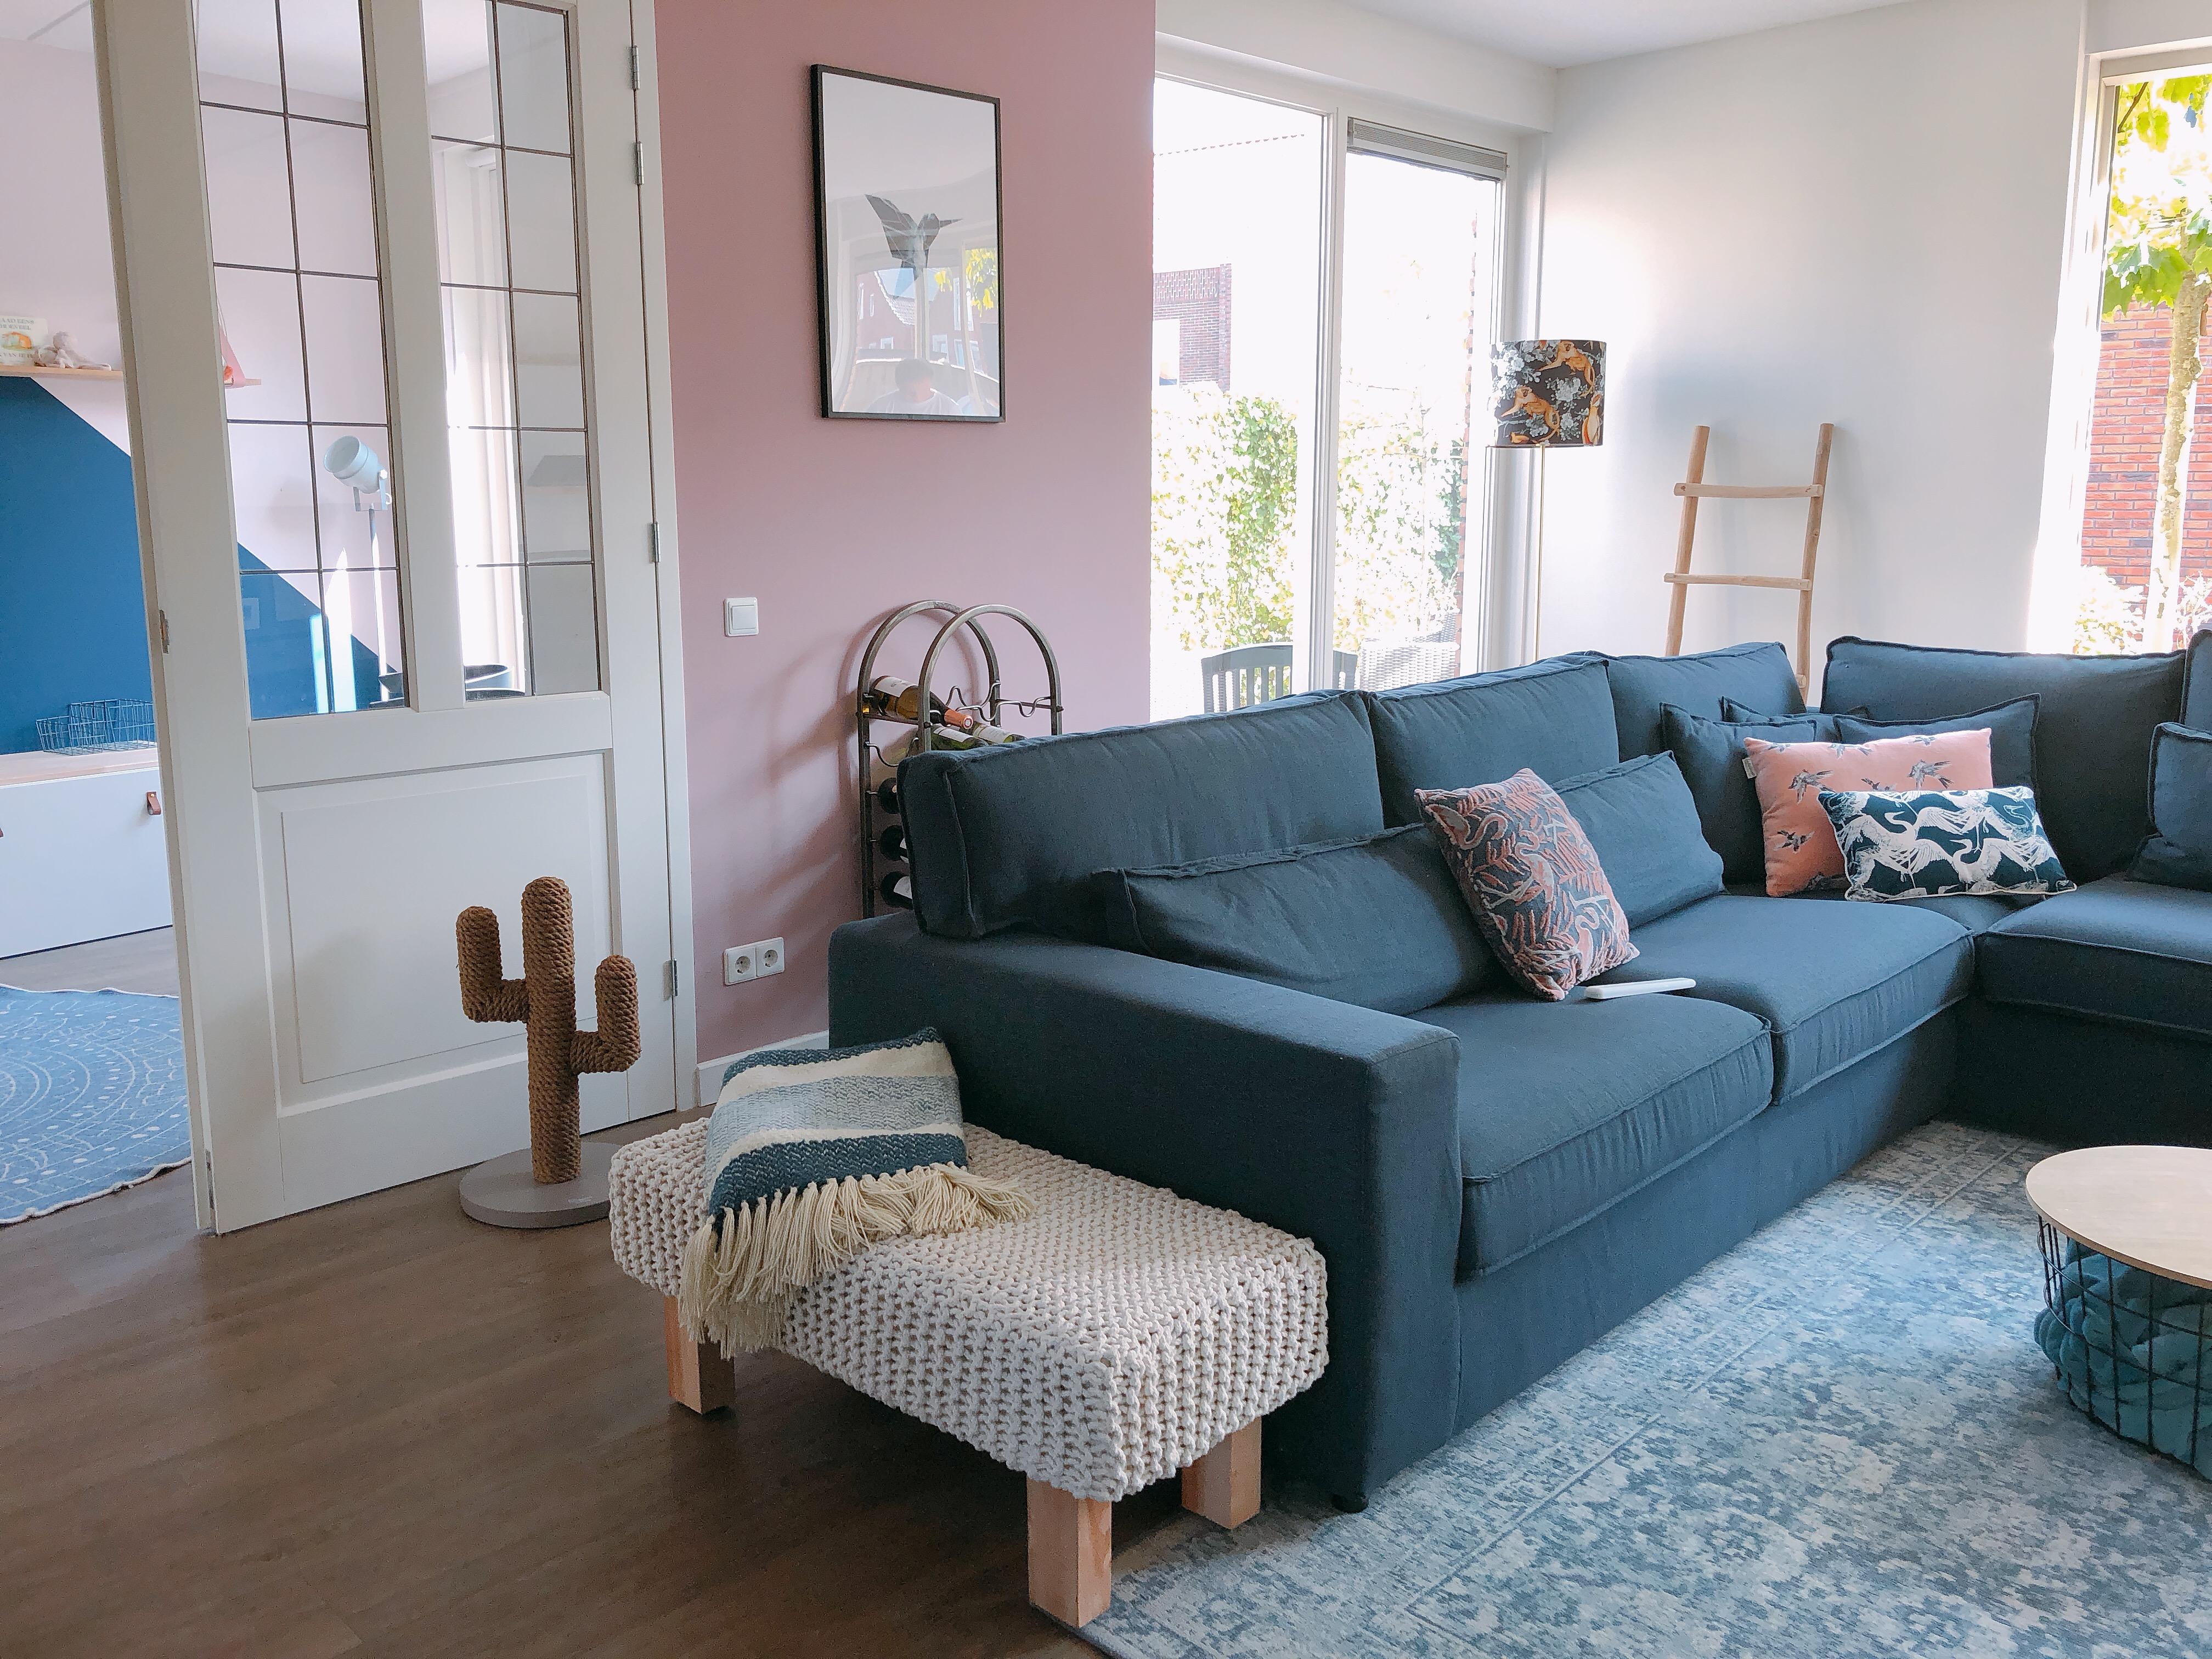 Durf te kiezen voor kleur in je interieur!